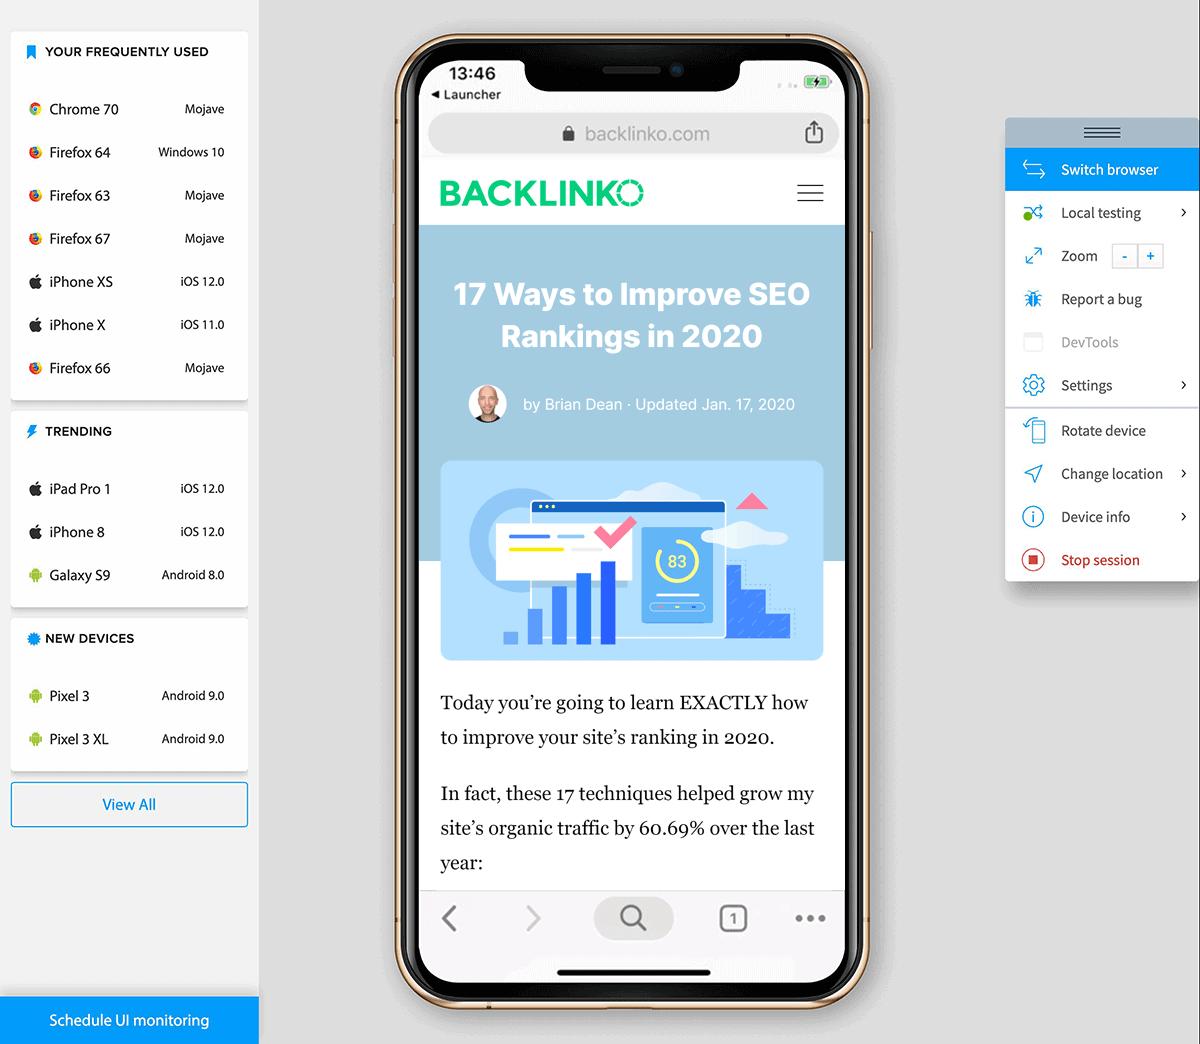 Browserstack – Backlinko Website